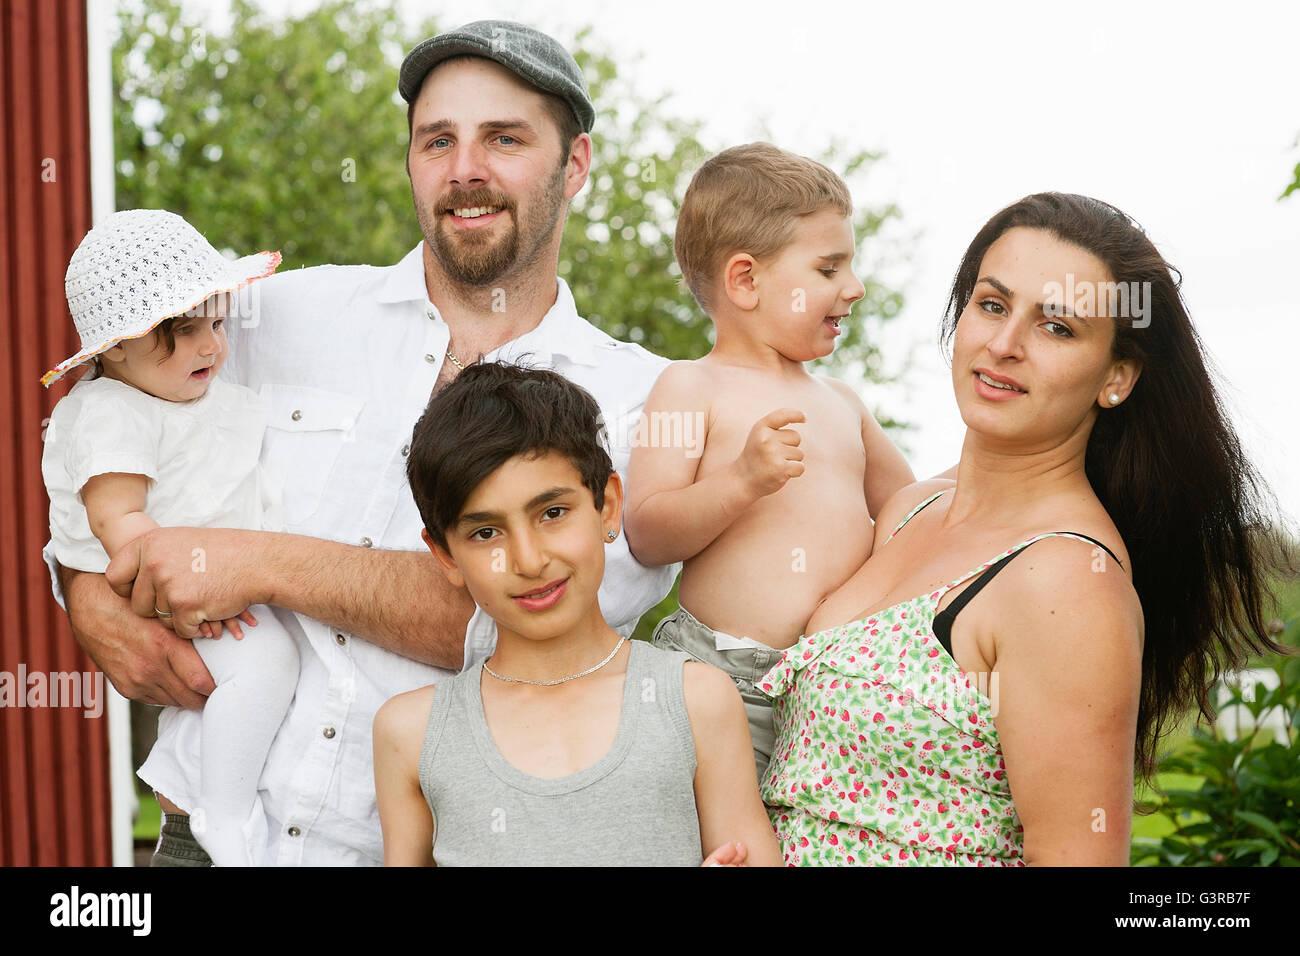 Schweden, Värmland, Filipstad, Gasborn, Horrsjon, Porträt der Familie mit drei Kindern (12-17 Monate, 2-3, 10-11) Stockfoto